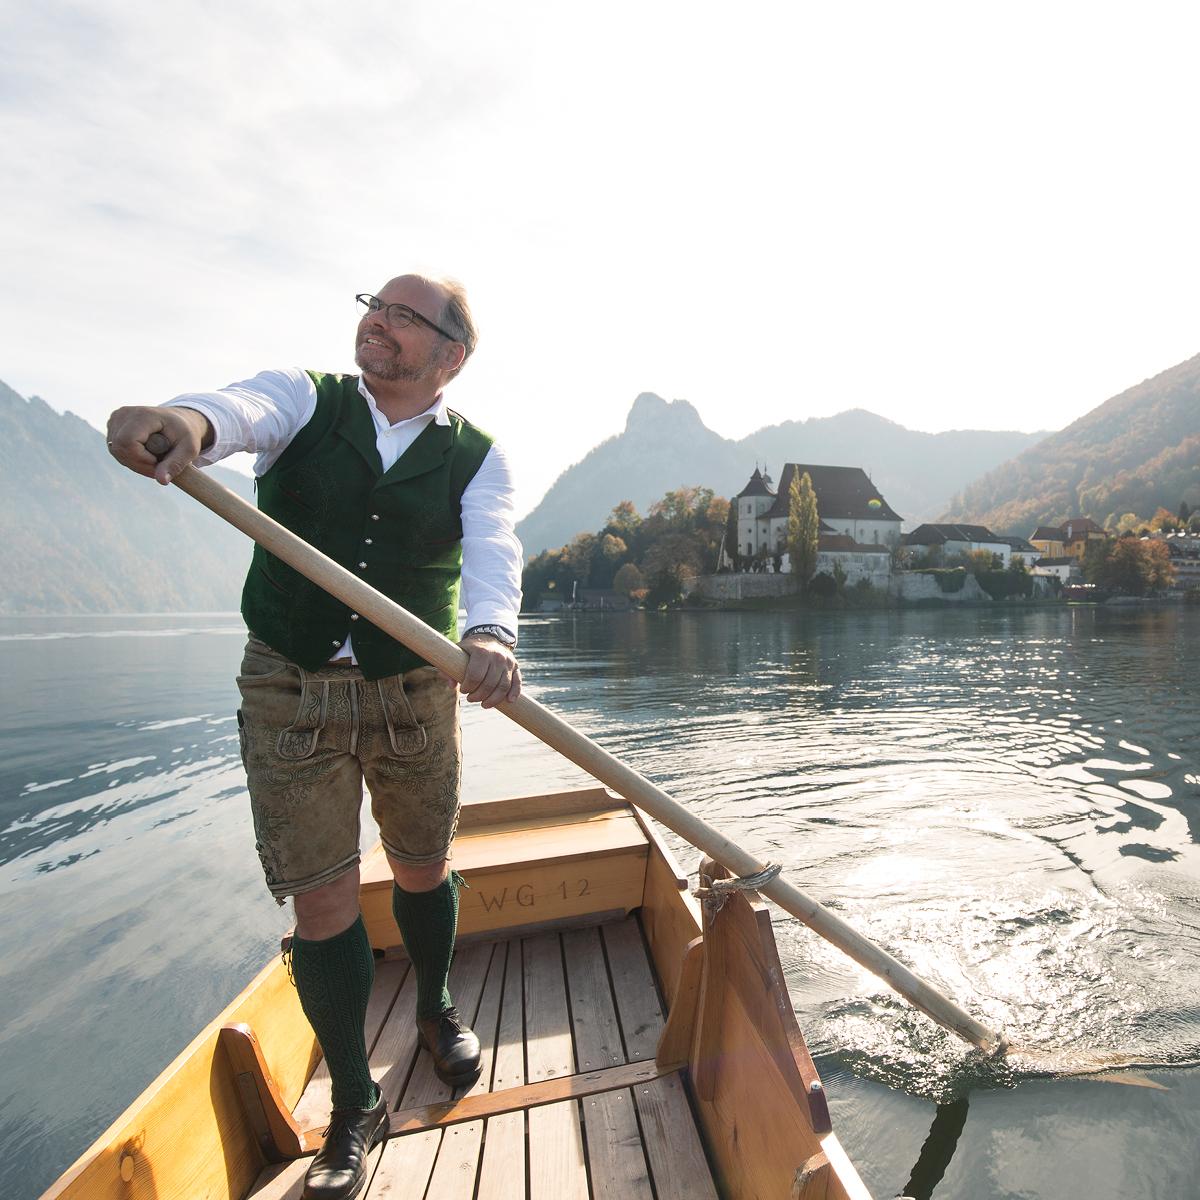 Das Bild zeigt einen Mann in Tracht, der über einen See rudert.